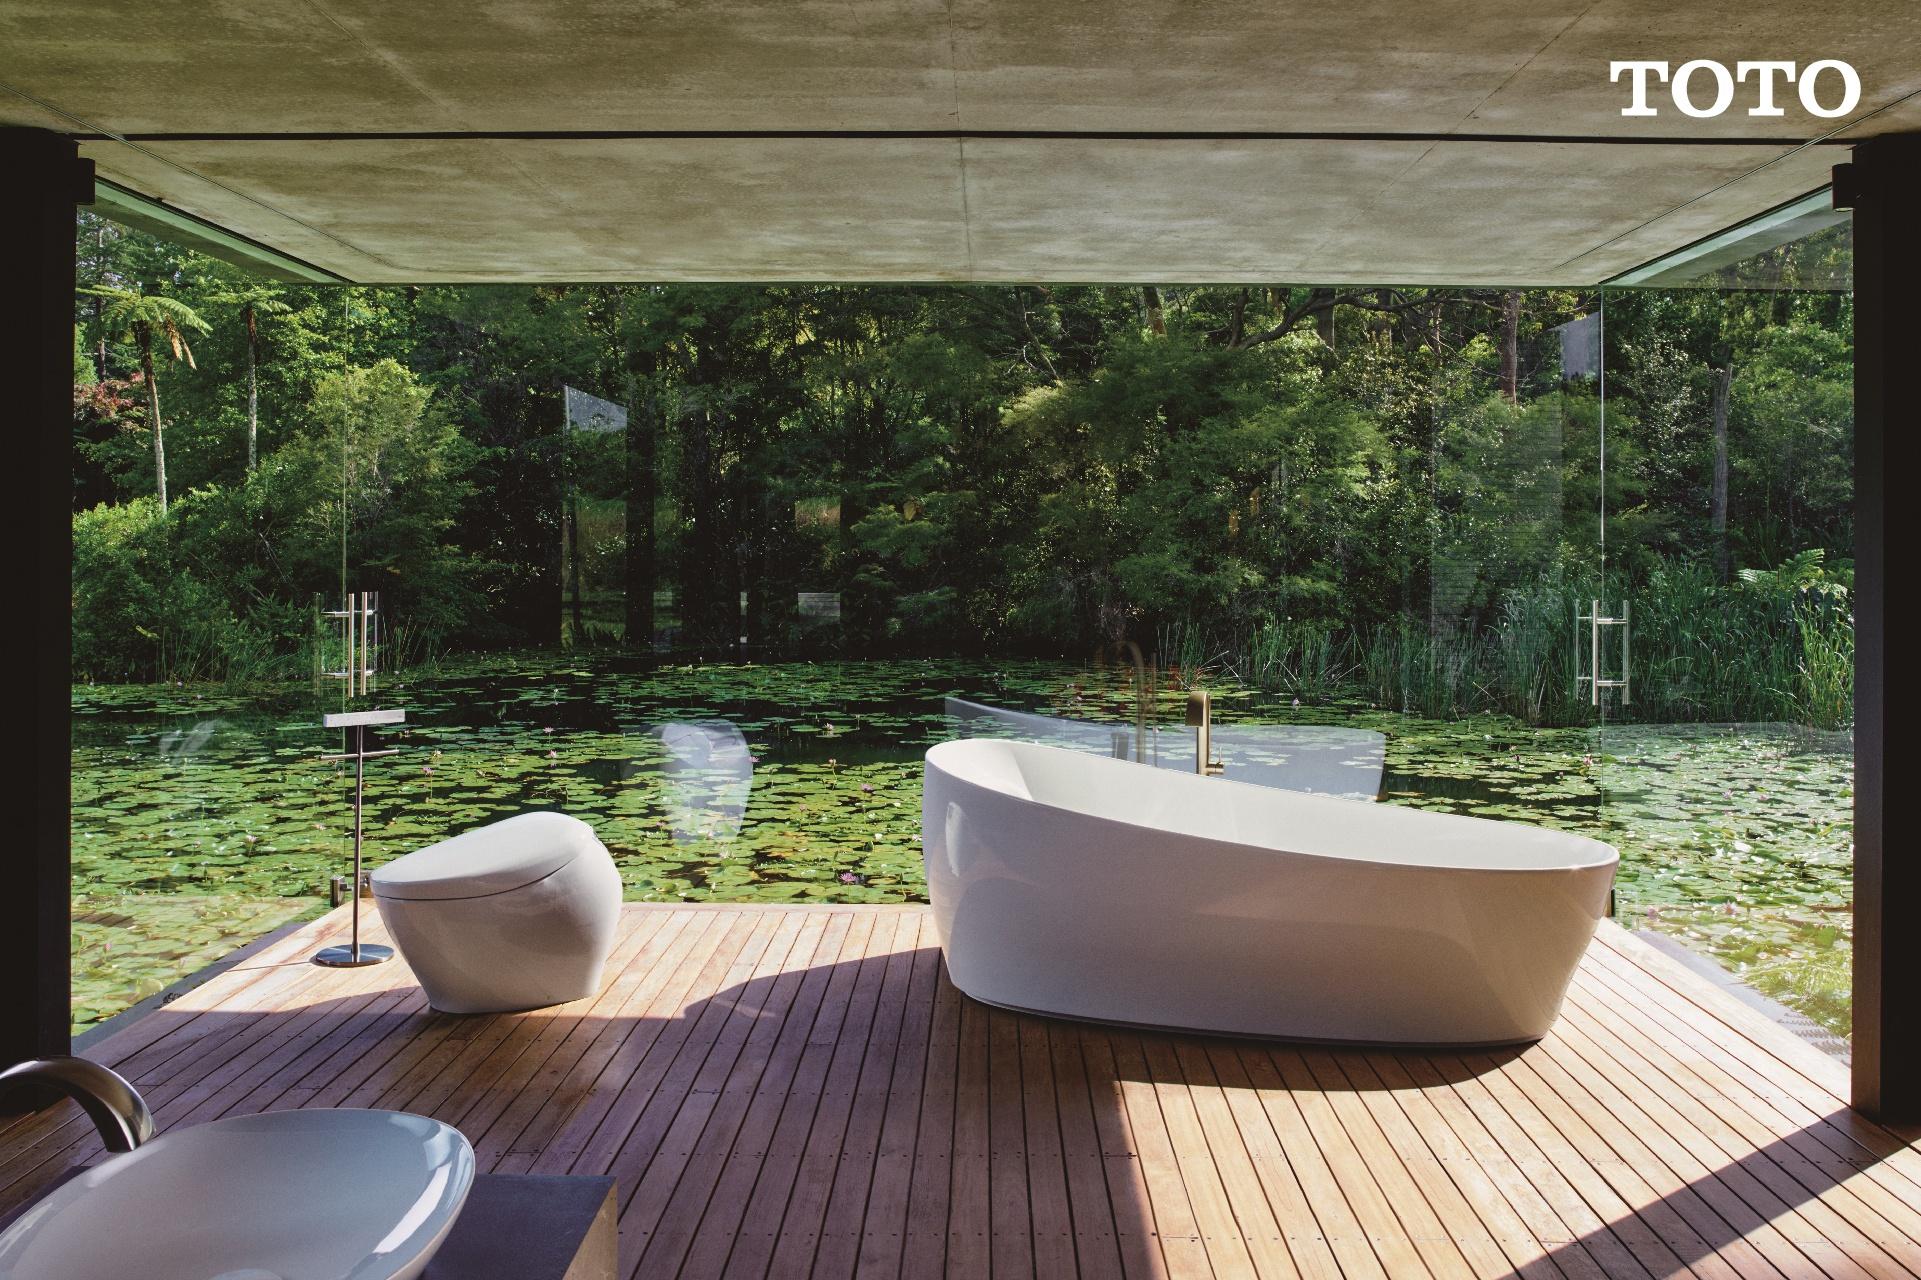 11 ไอเดียการออกแบบและตกแต่งห้องน้ำให้สวย สะอาด ปลอดภัย 1